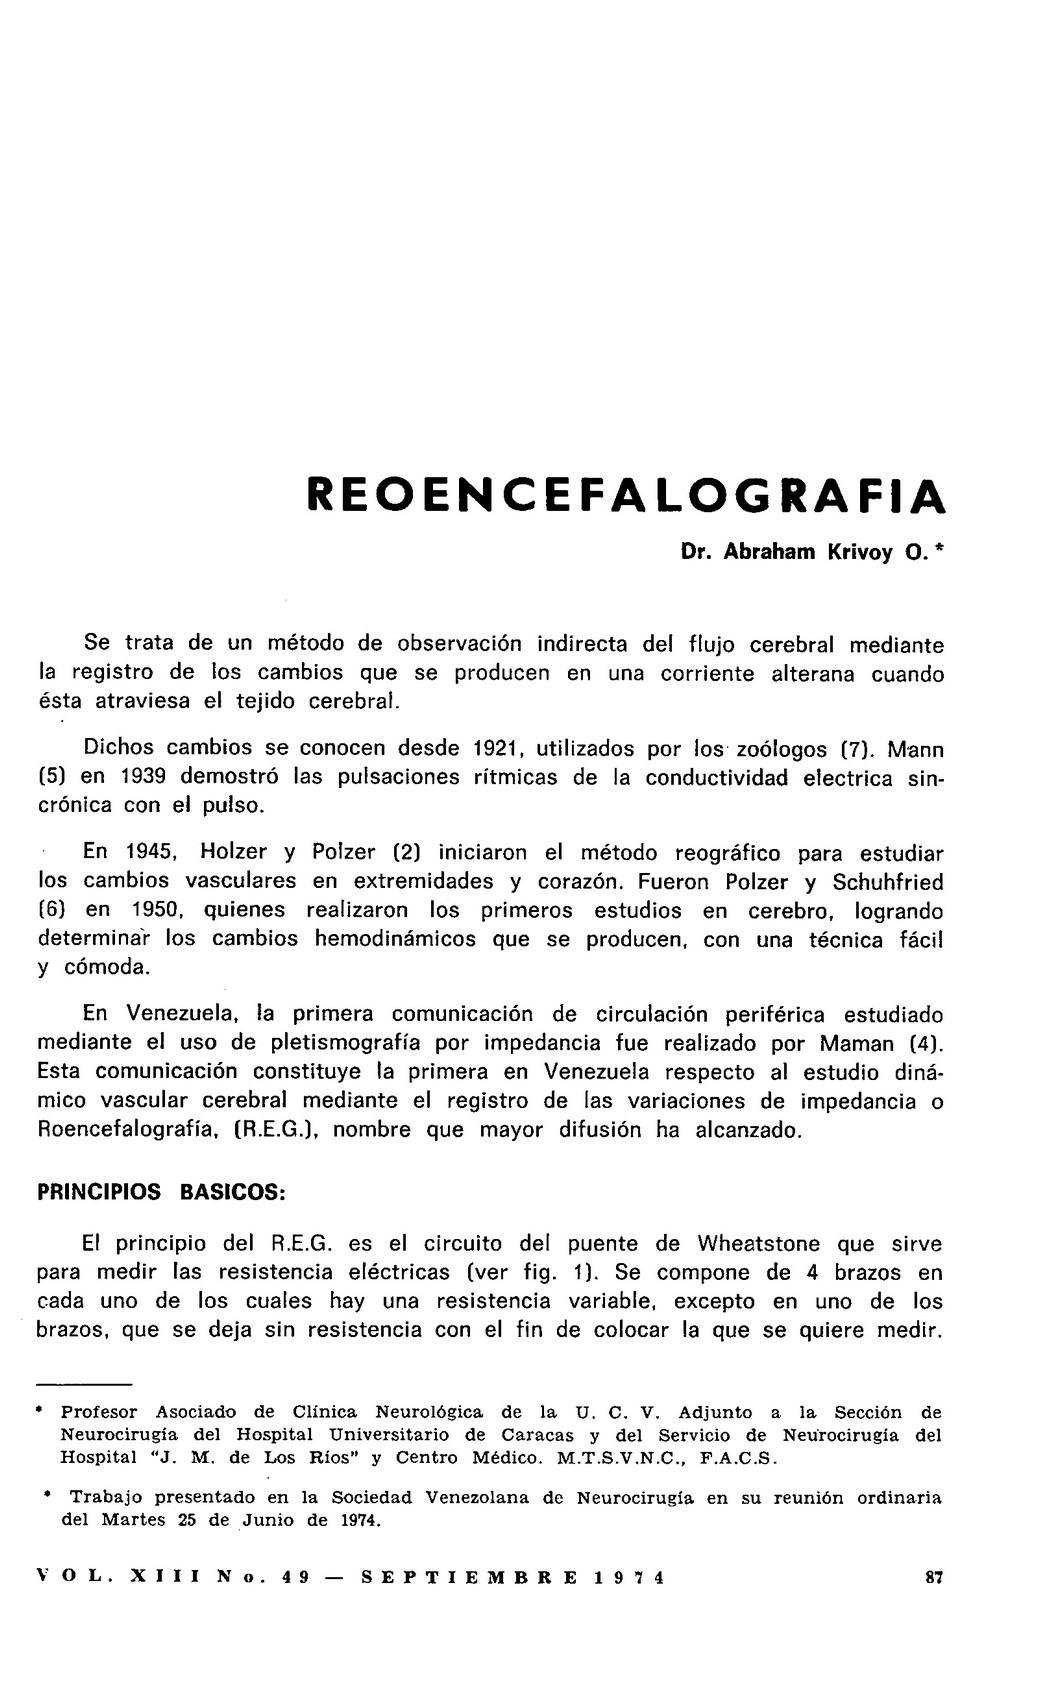 Circuito Vascular : Reoencefalografía